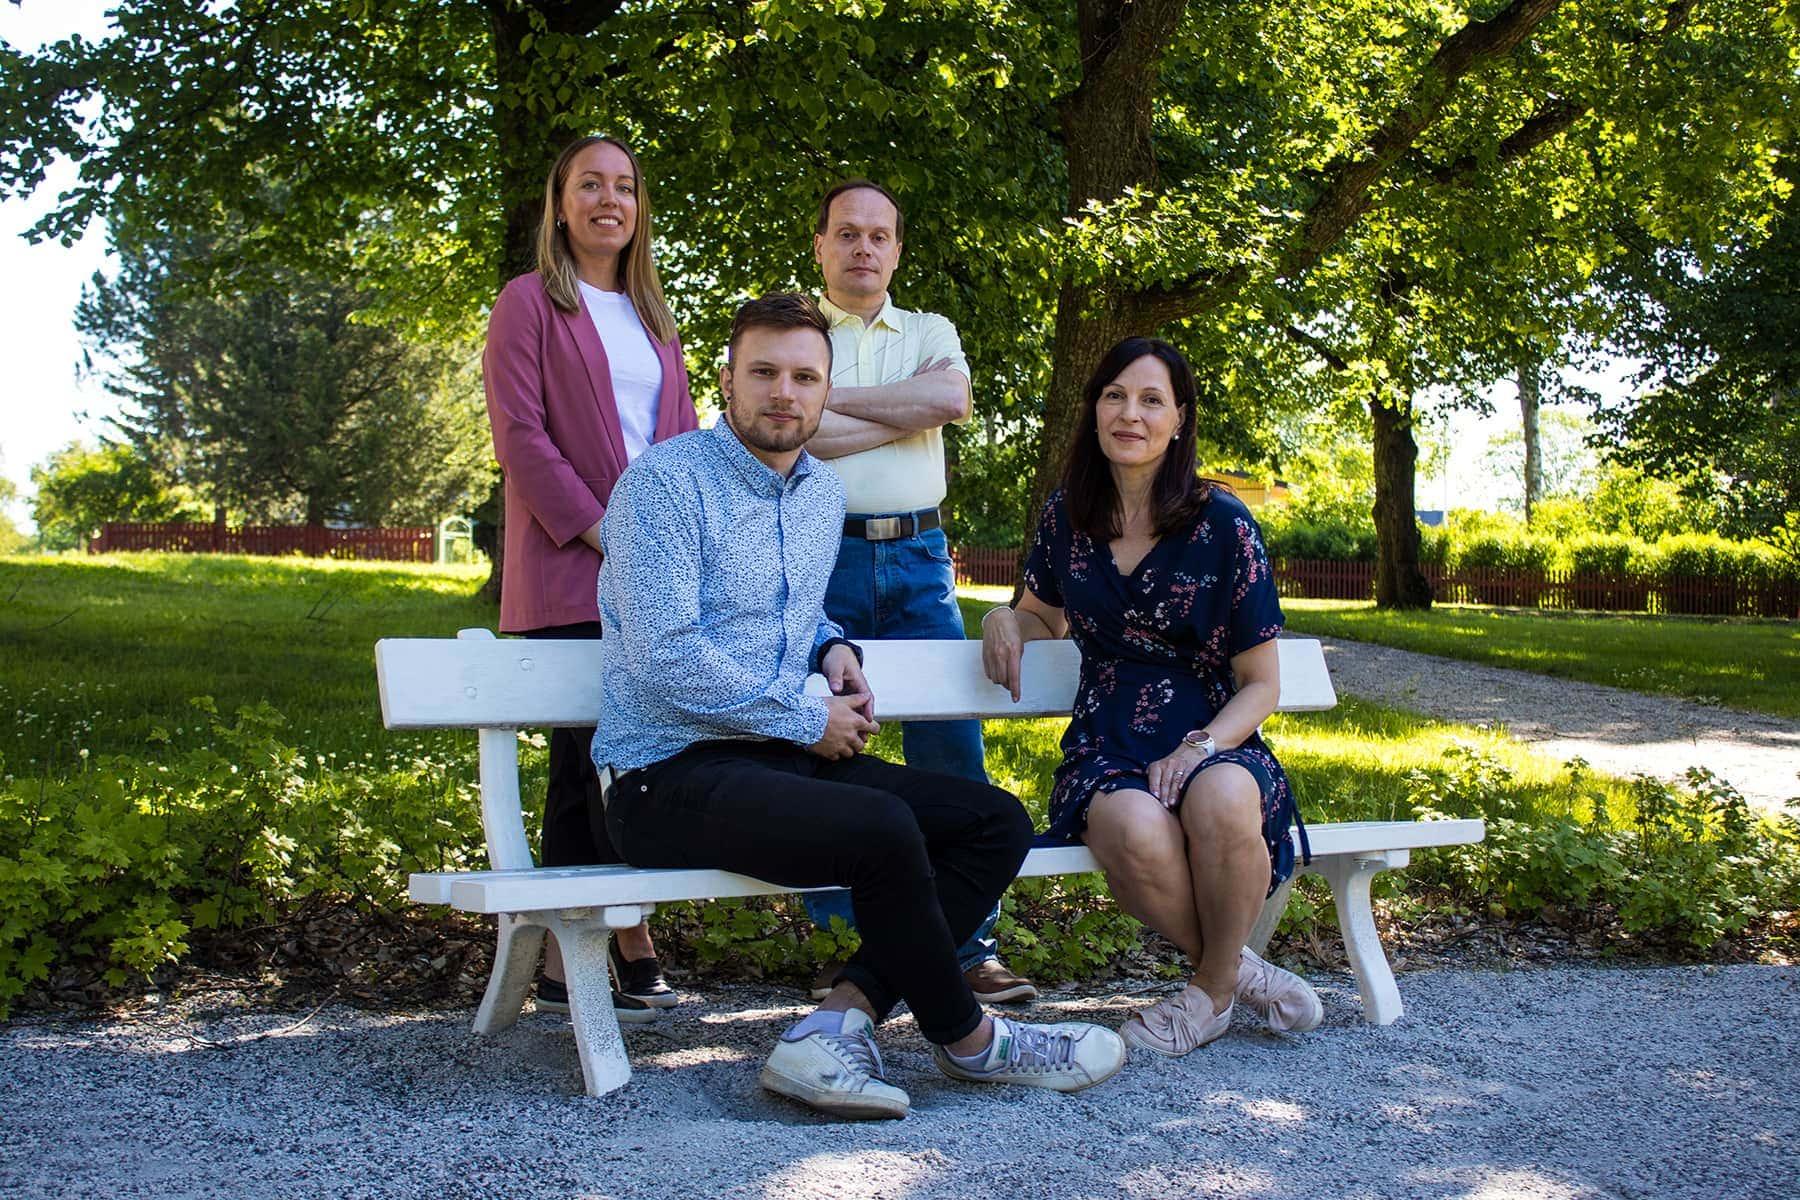 Kuvassa etualalla ovat Toni Saarinen ja Johanna Puumalainen. Takana Stina Seitsonen ja Mika Koskinen.